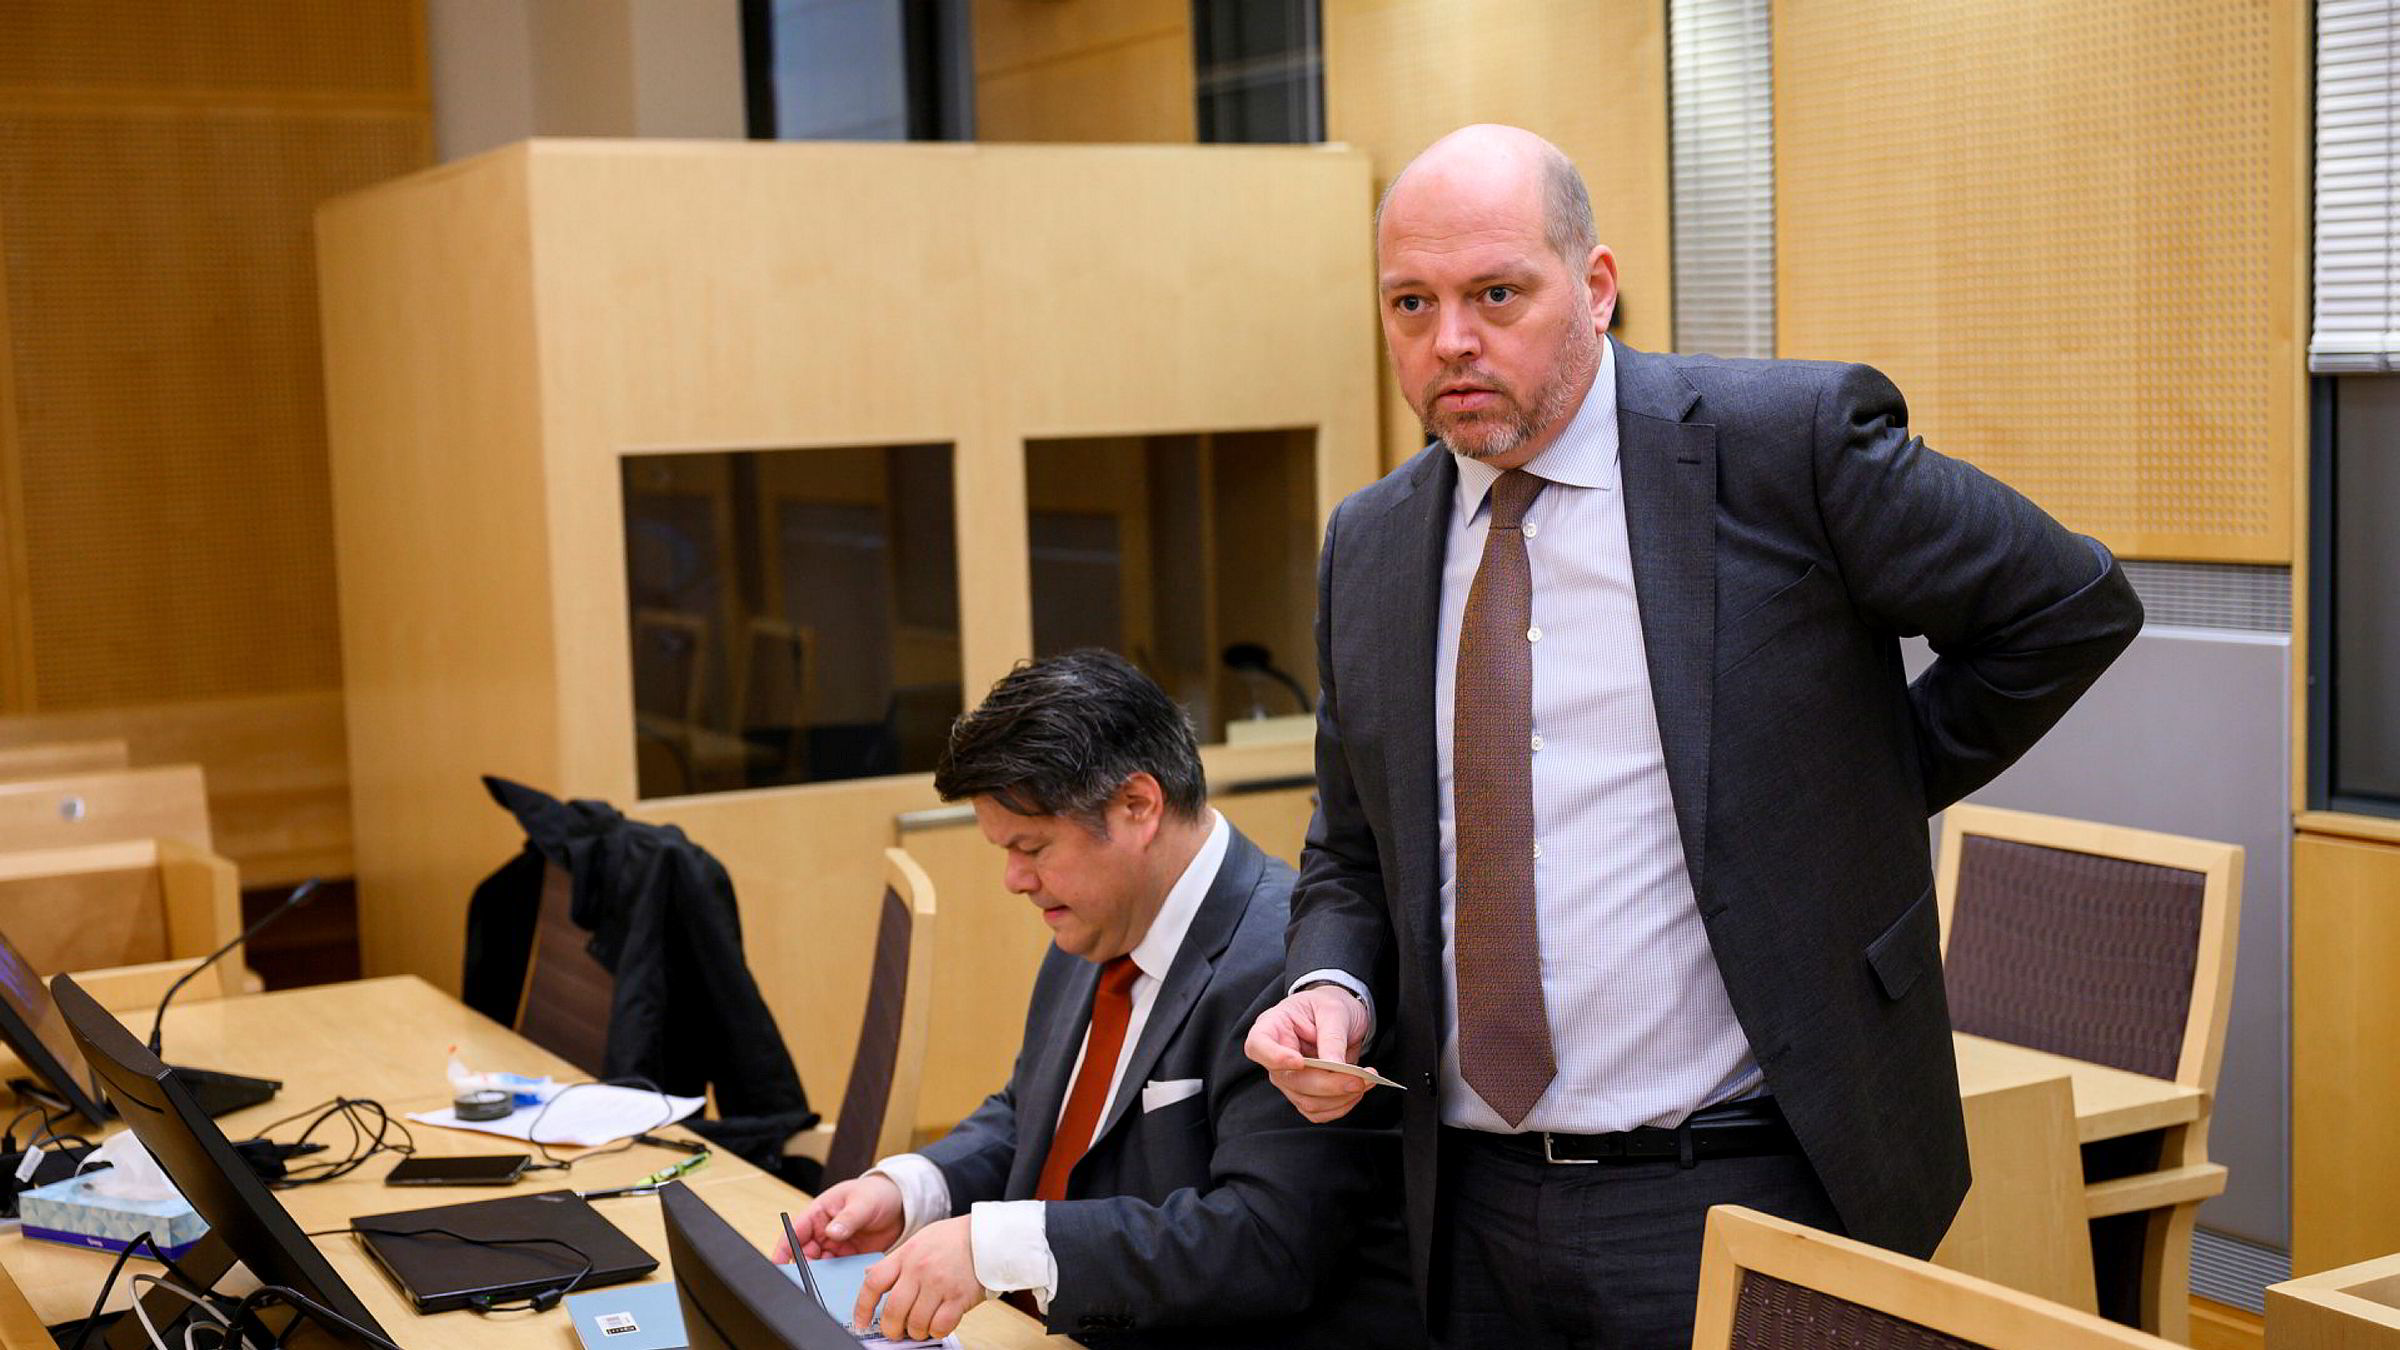 Advokatene Marcus Indrevær (til høyre) og Morten Grønvigh, som representerer saksøkerne, har fått medhold i at saken mot Jool Capital Partner ab skal gå i Oslo.